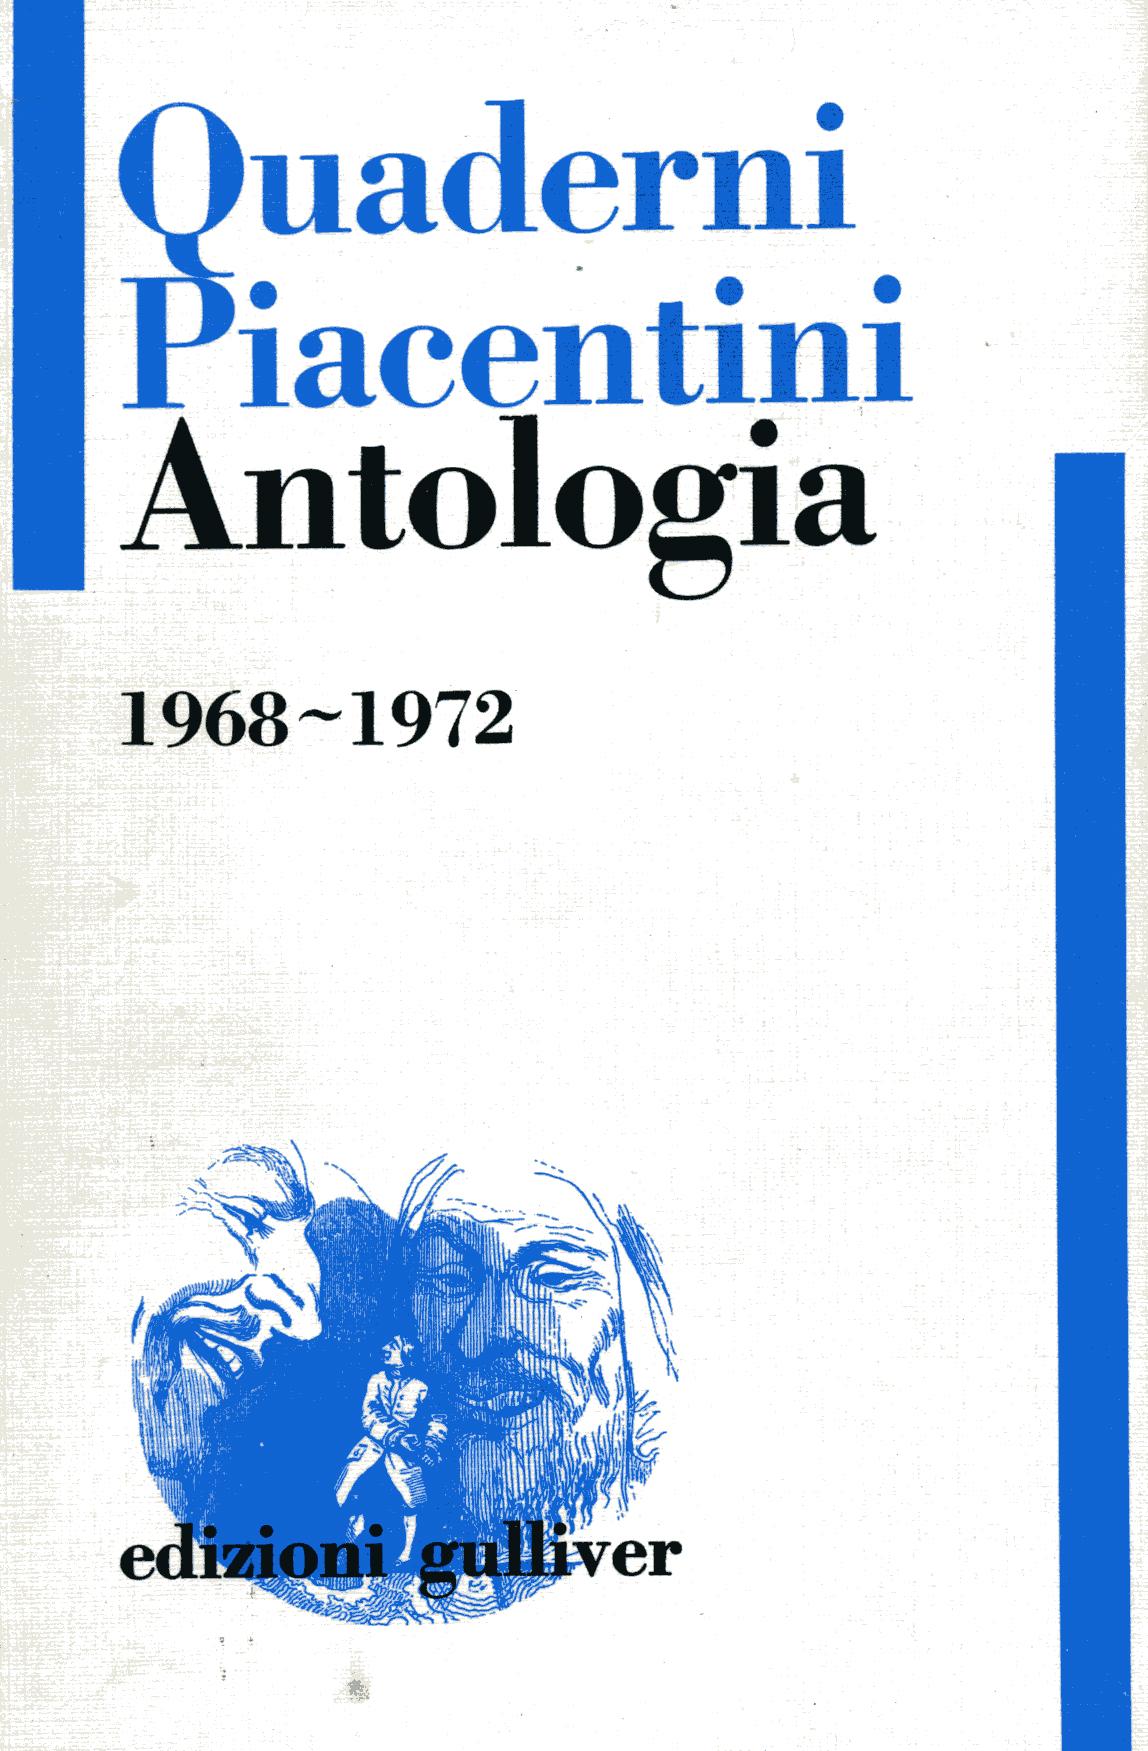 Quaderni Piacentini Antologia 1968-1972